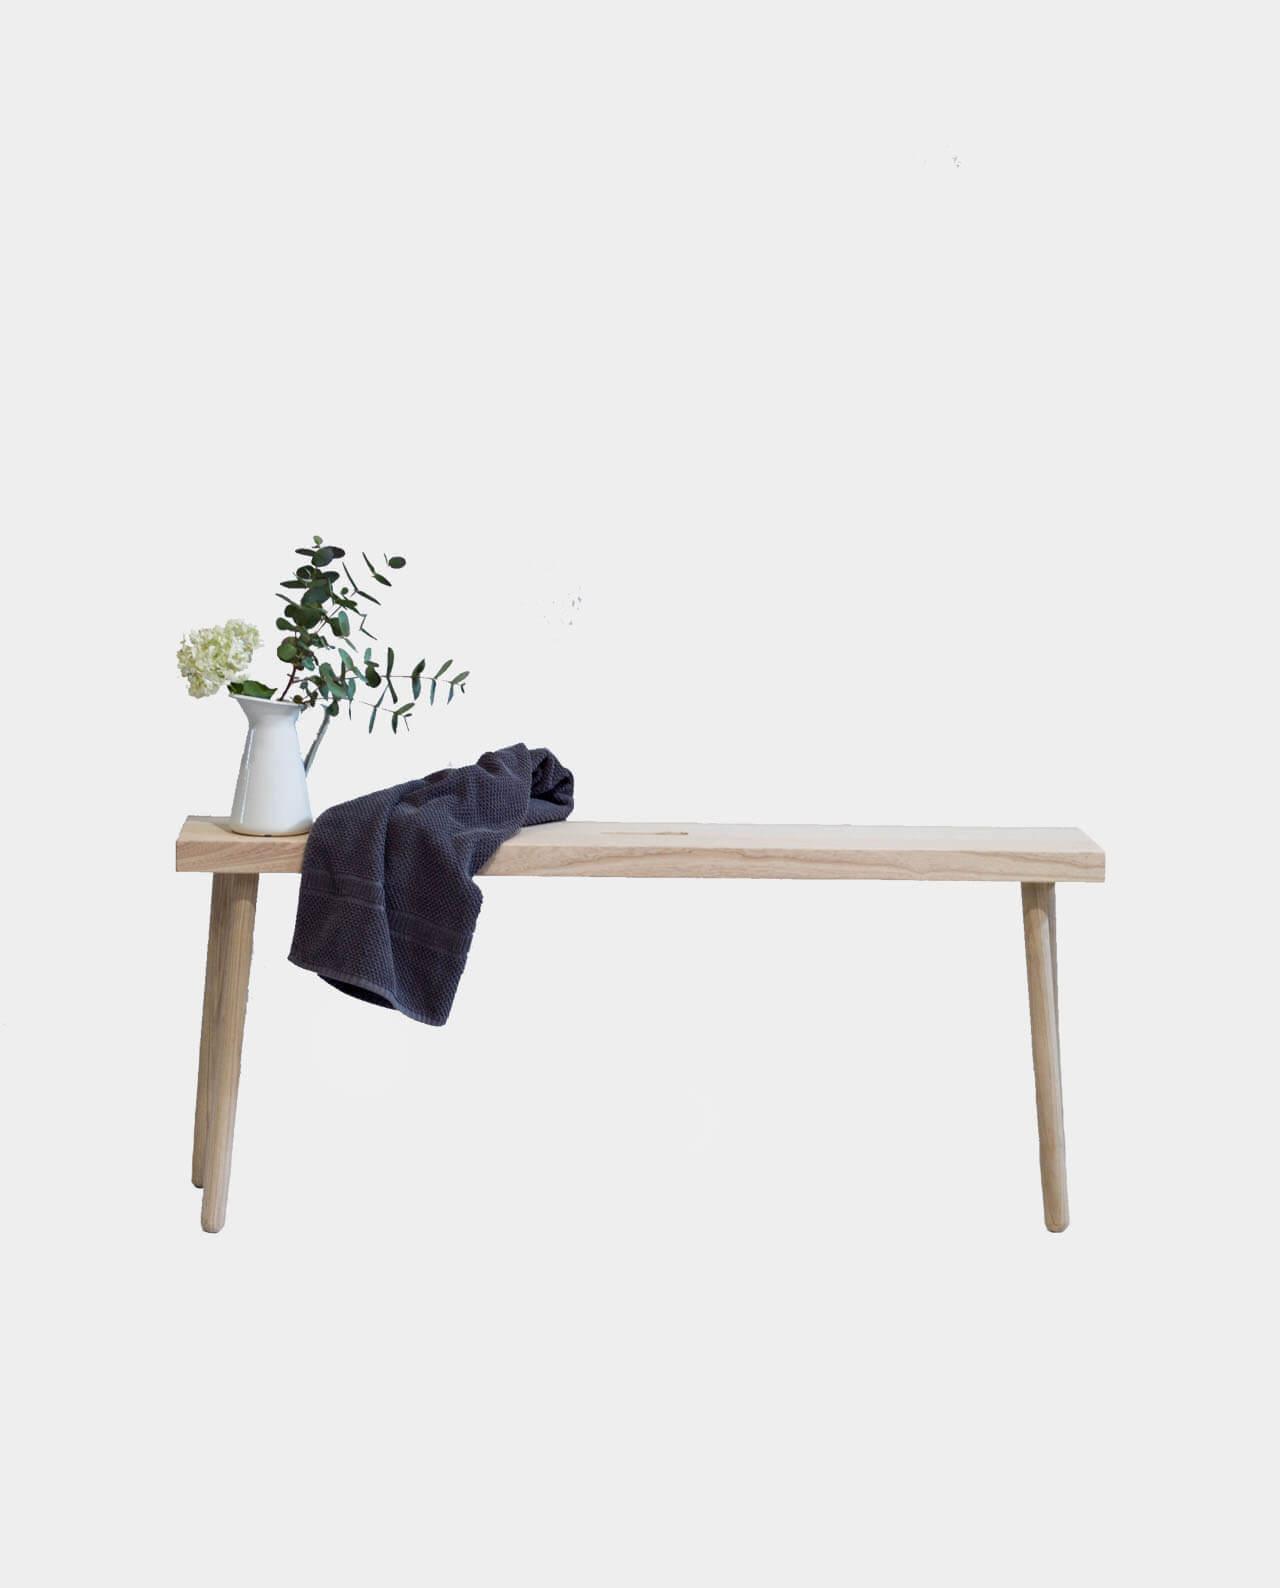 holzbank baenkk jetzt online kaufen. Black Bedroom Furniture Sets. Home Design Ideas